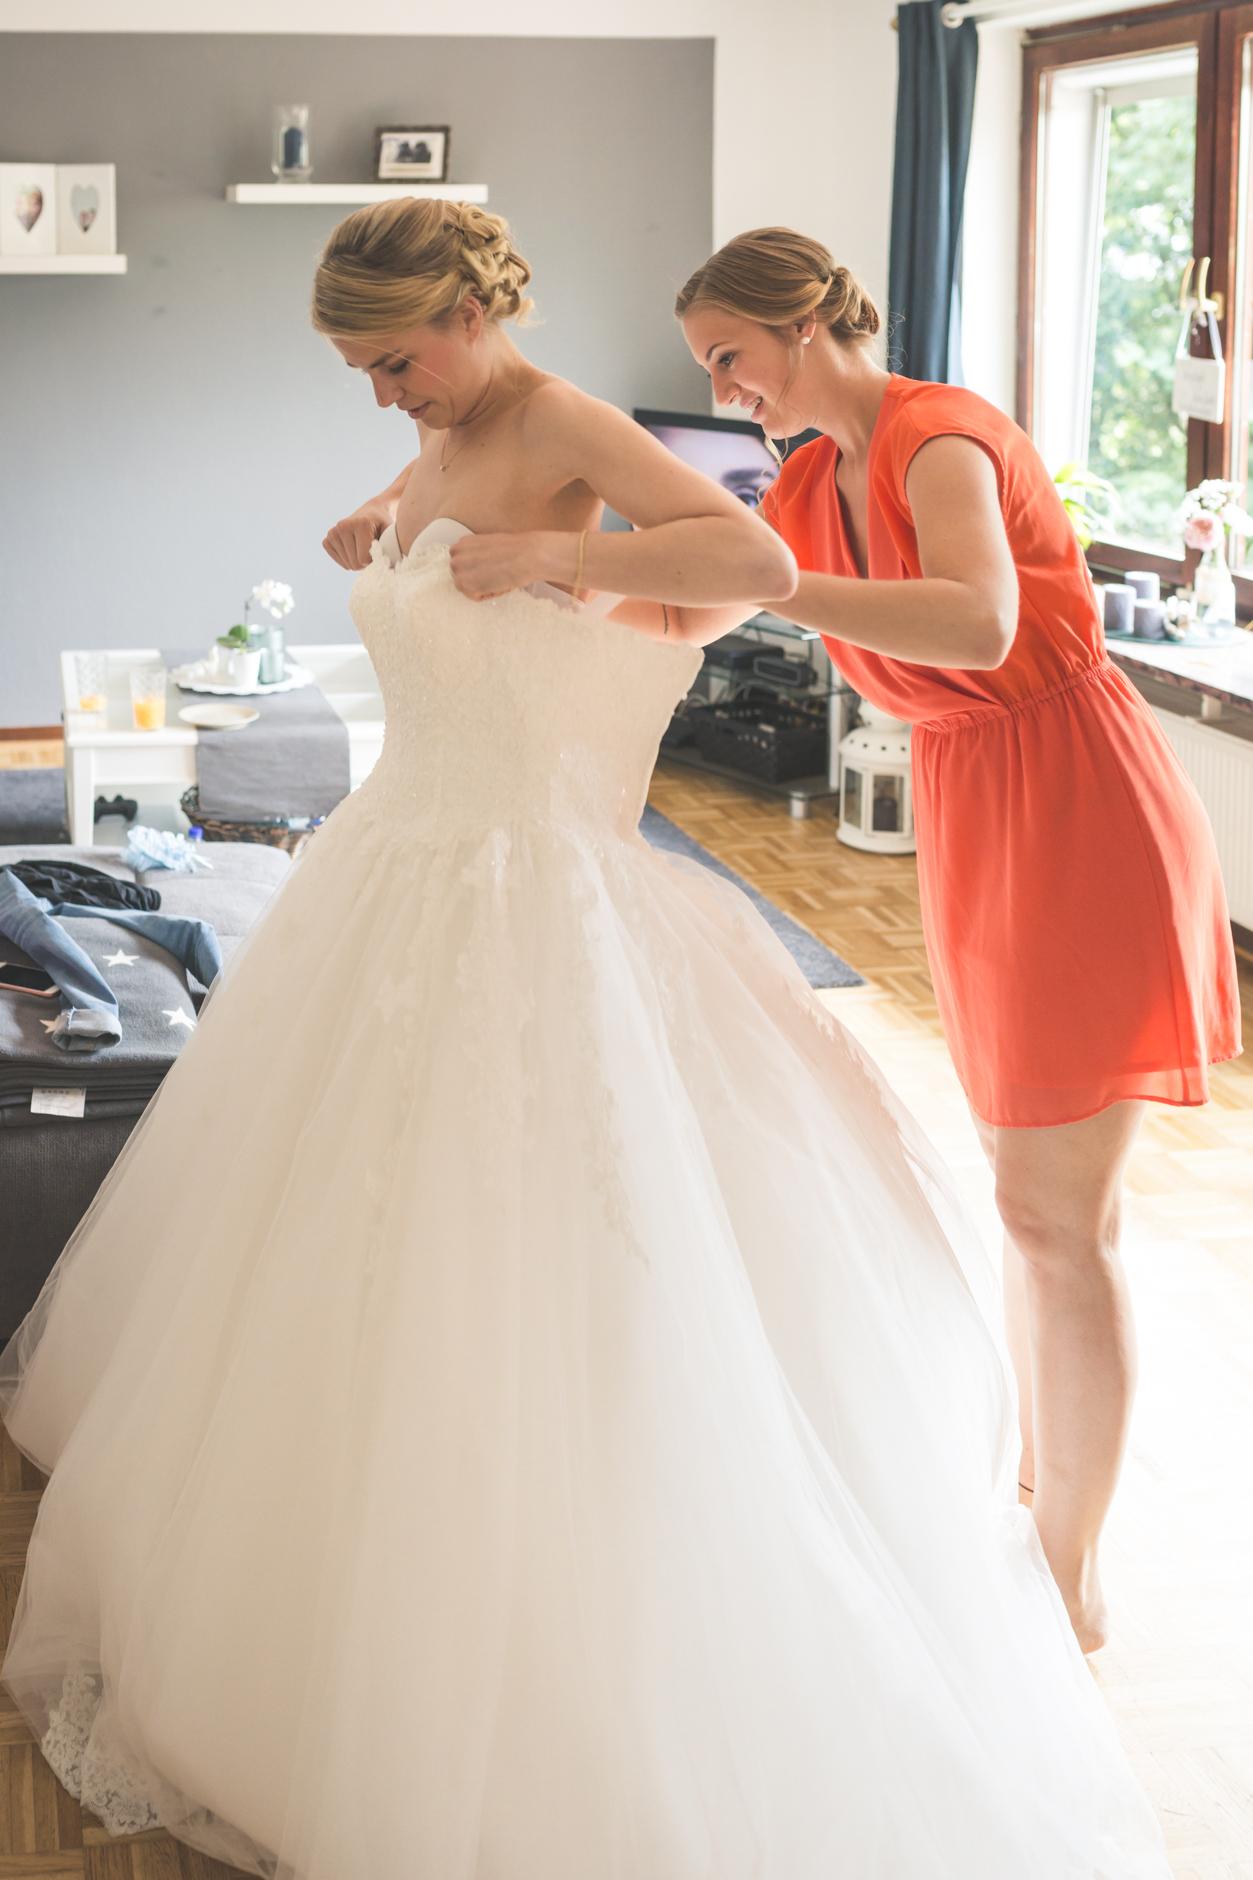 Beim Hochzeitskleid sind helfende Hände immer willkommen